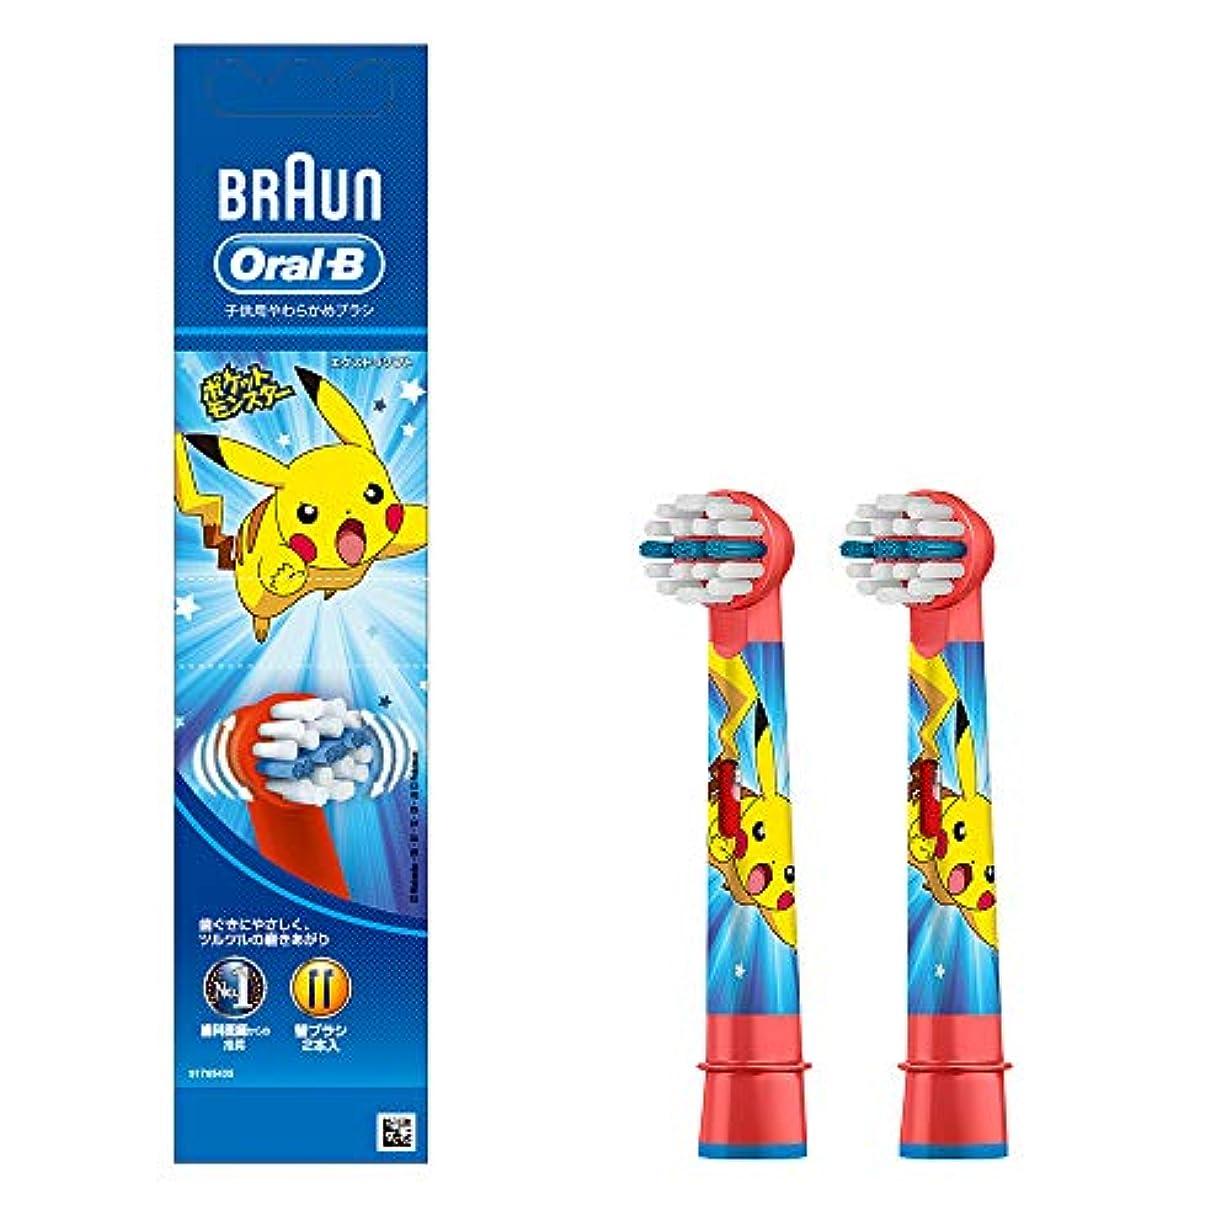 各時系列以前はブラウン オーラルB 電動歯ブラシ 子供用 EB10-2KGE すみずみクリーンキッズ やわらかめ 替ブラシ レッド